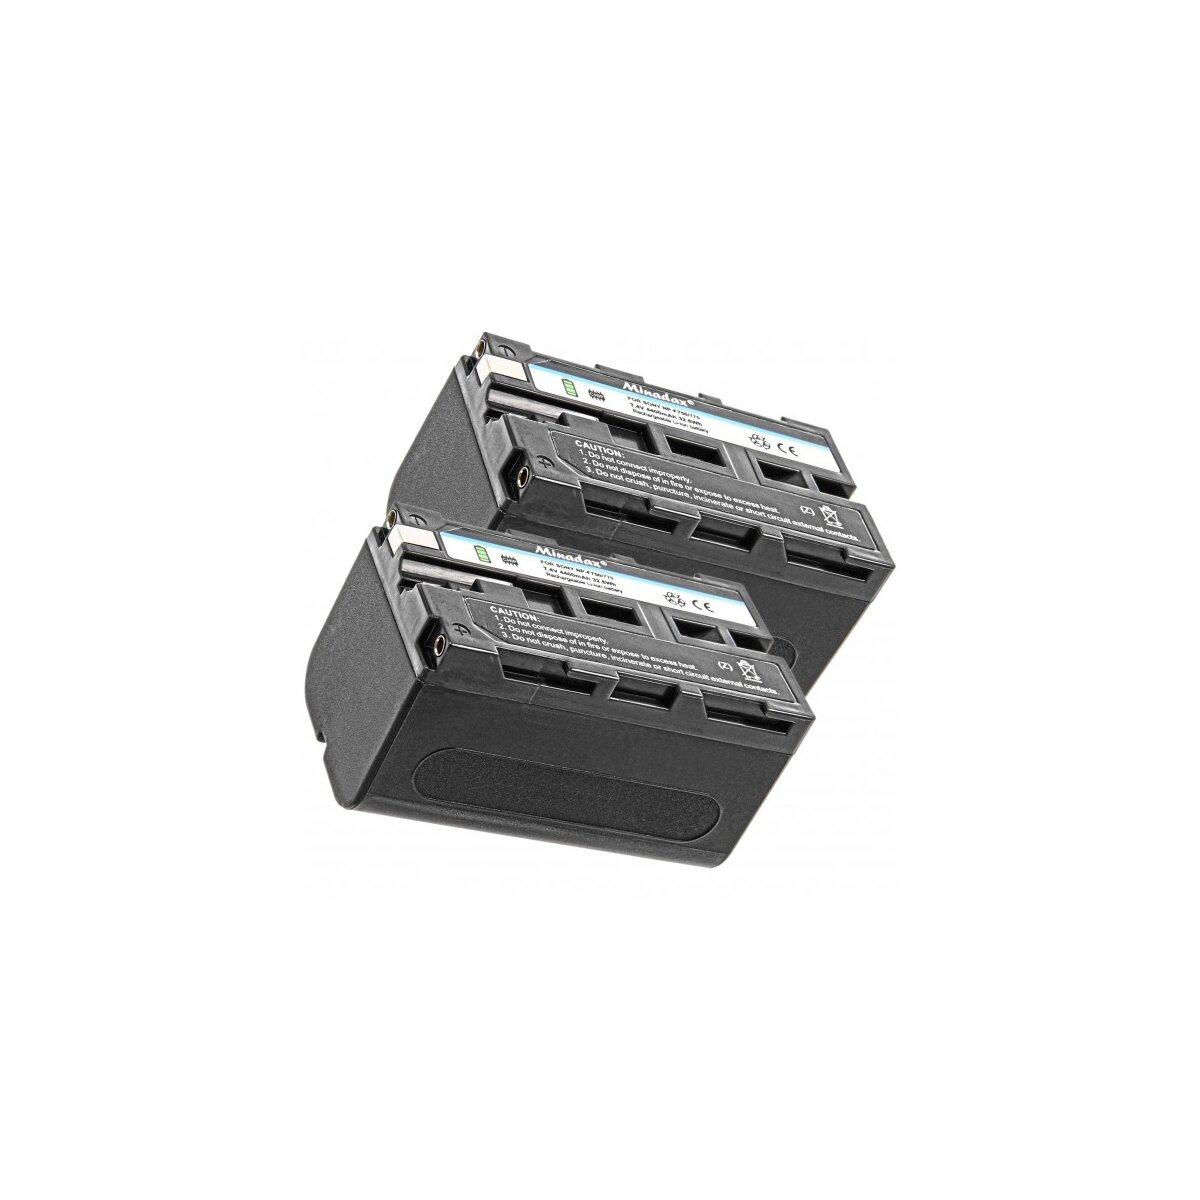 2x Minadax Qualitätsakku mit echten 4400 mAh kompatibel für Sony CCD-TR Series CCD-TRV Series Sony DCR-TRV Series Sony DCS-VX Sony DCR-TV Series etc, Ersatz für NP-F750